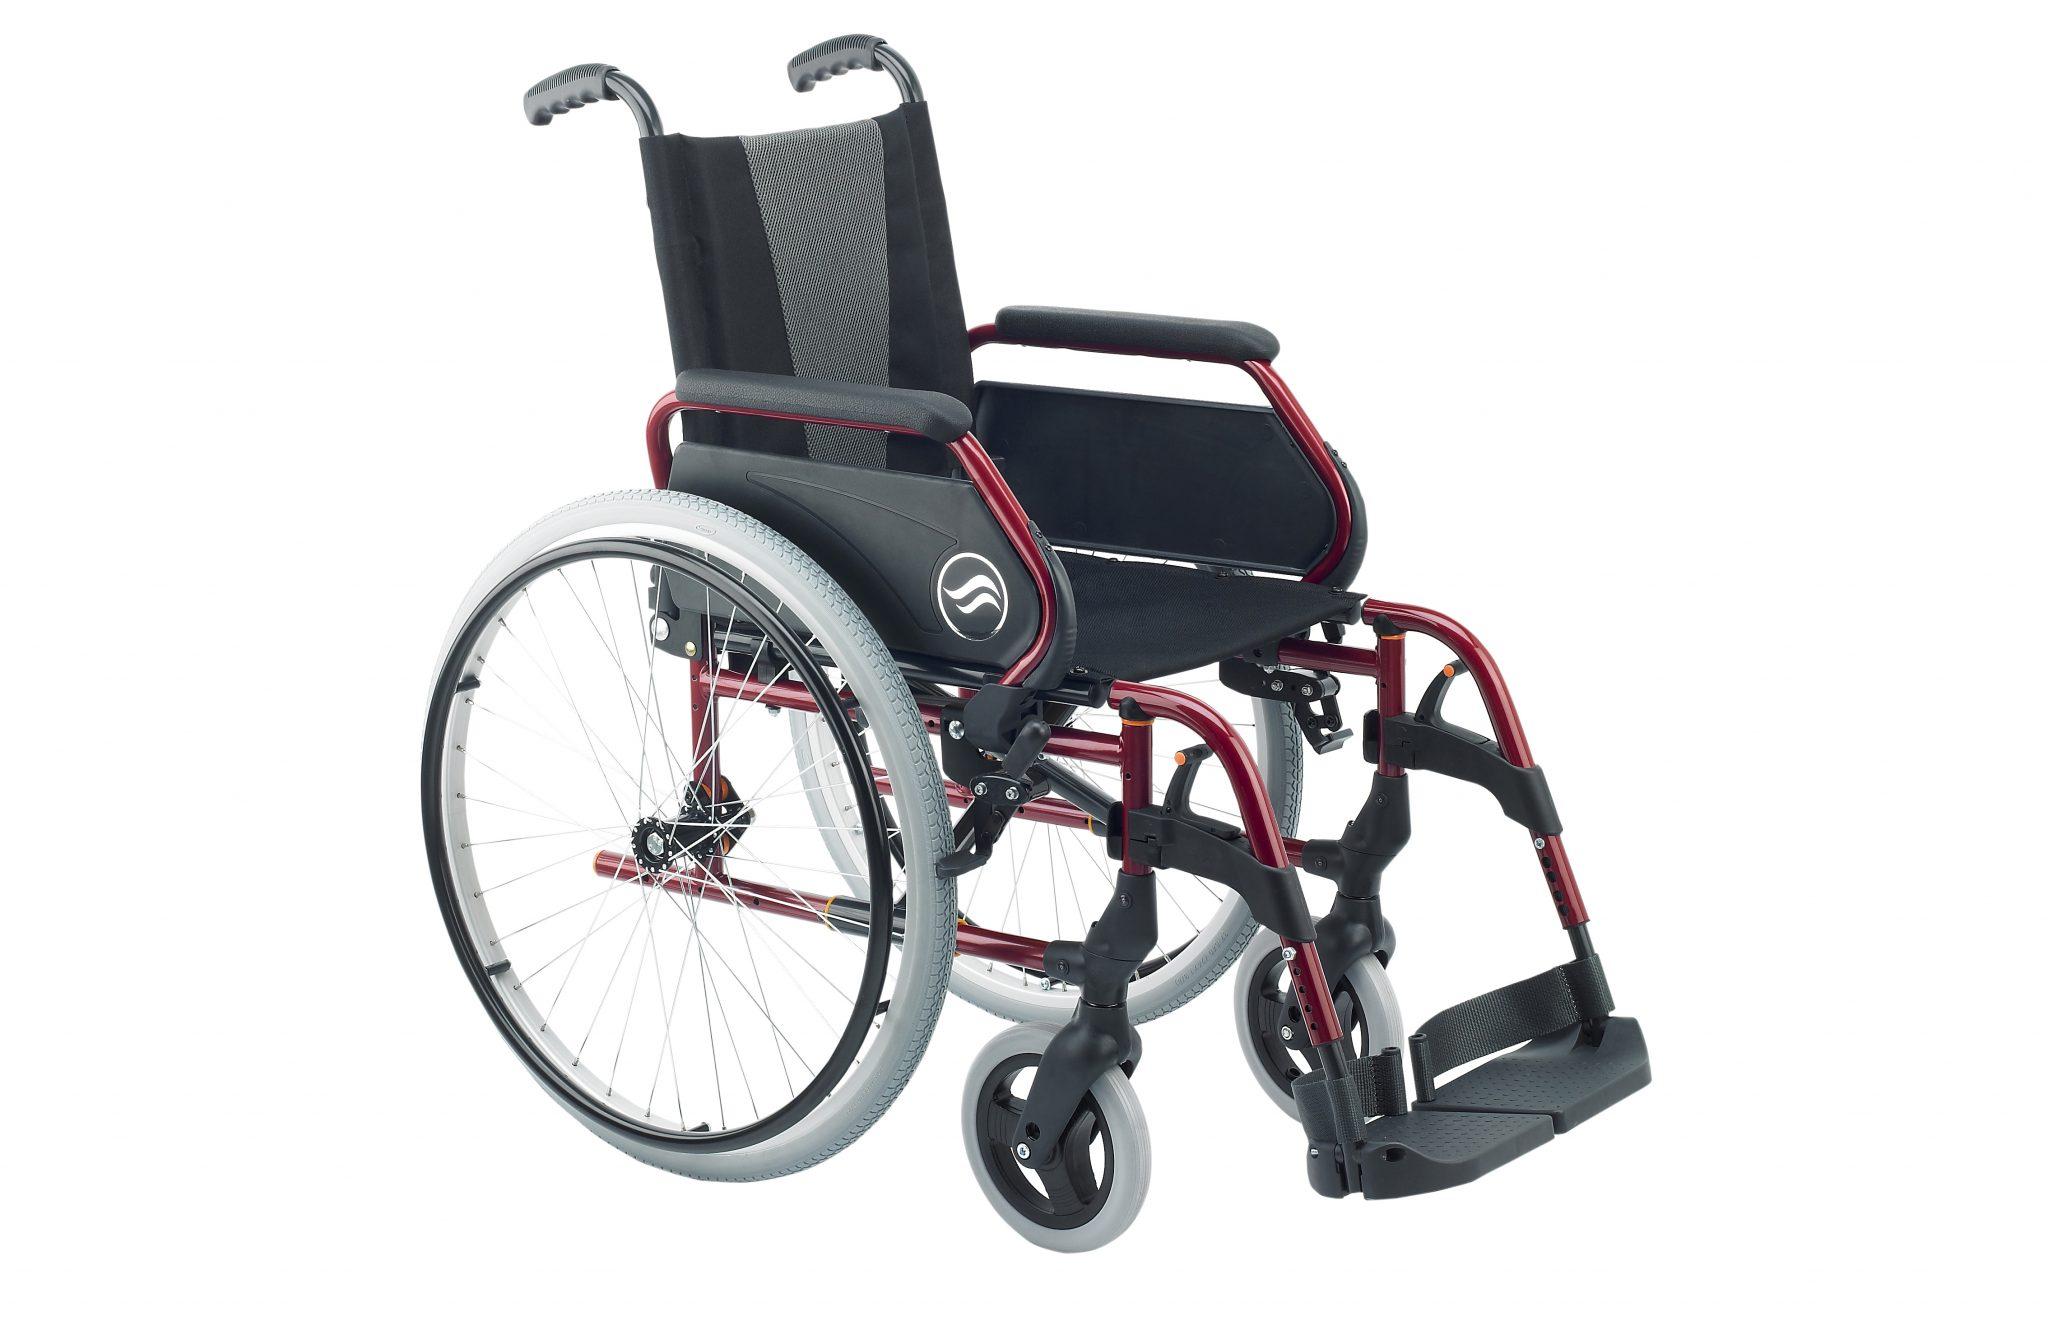 Cadeira de rodas manual, preta com estrutura vermelha e jantes prateadas, vista de perfil.